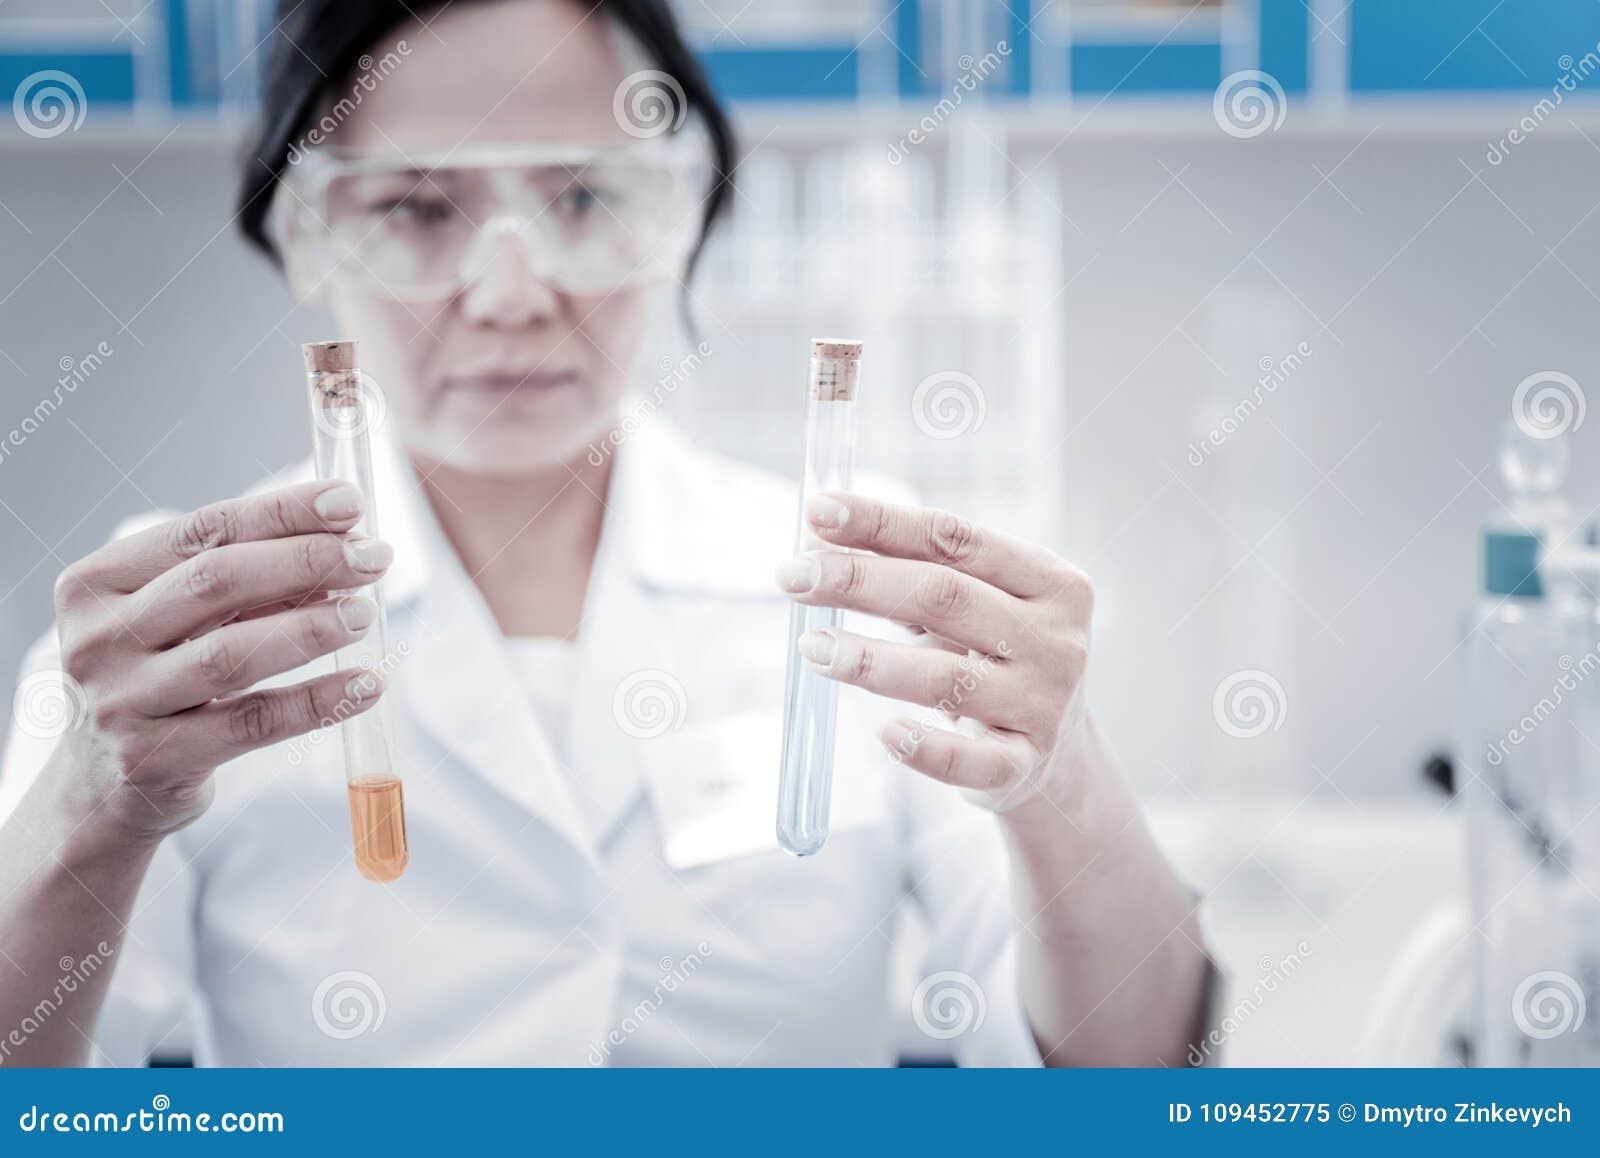 Matures tubes com